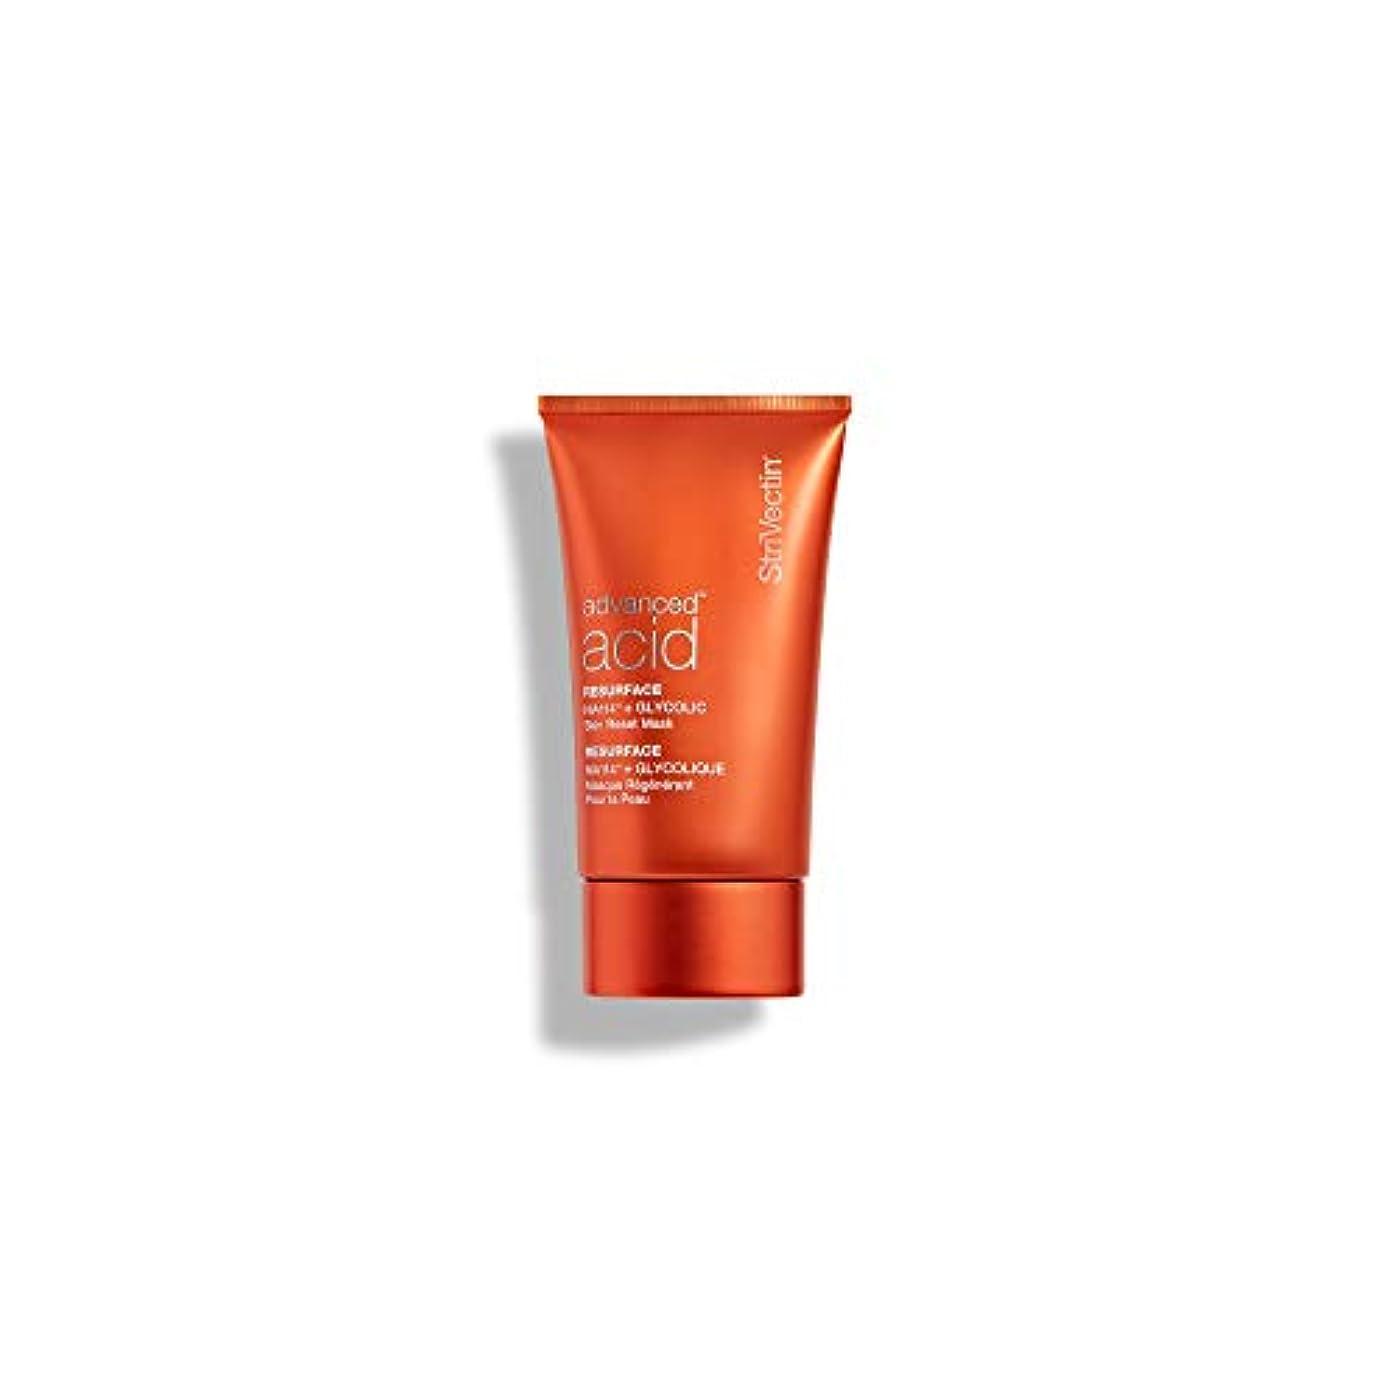 ピボット壁レトルトStrivectin Advanced Resurfacing- Advanced Glycolic Acid Skin Reset Mask 1.7oz